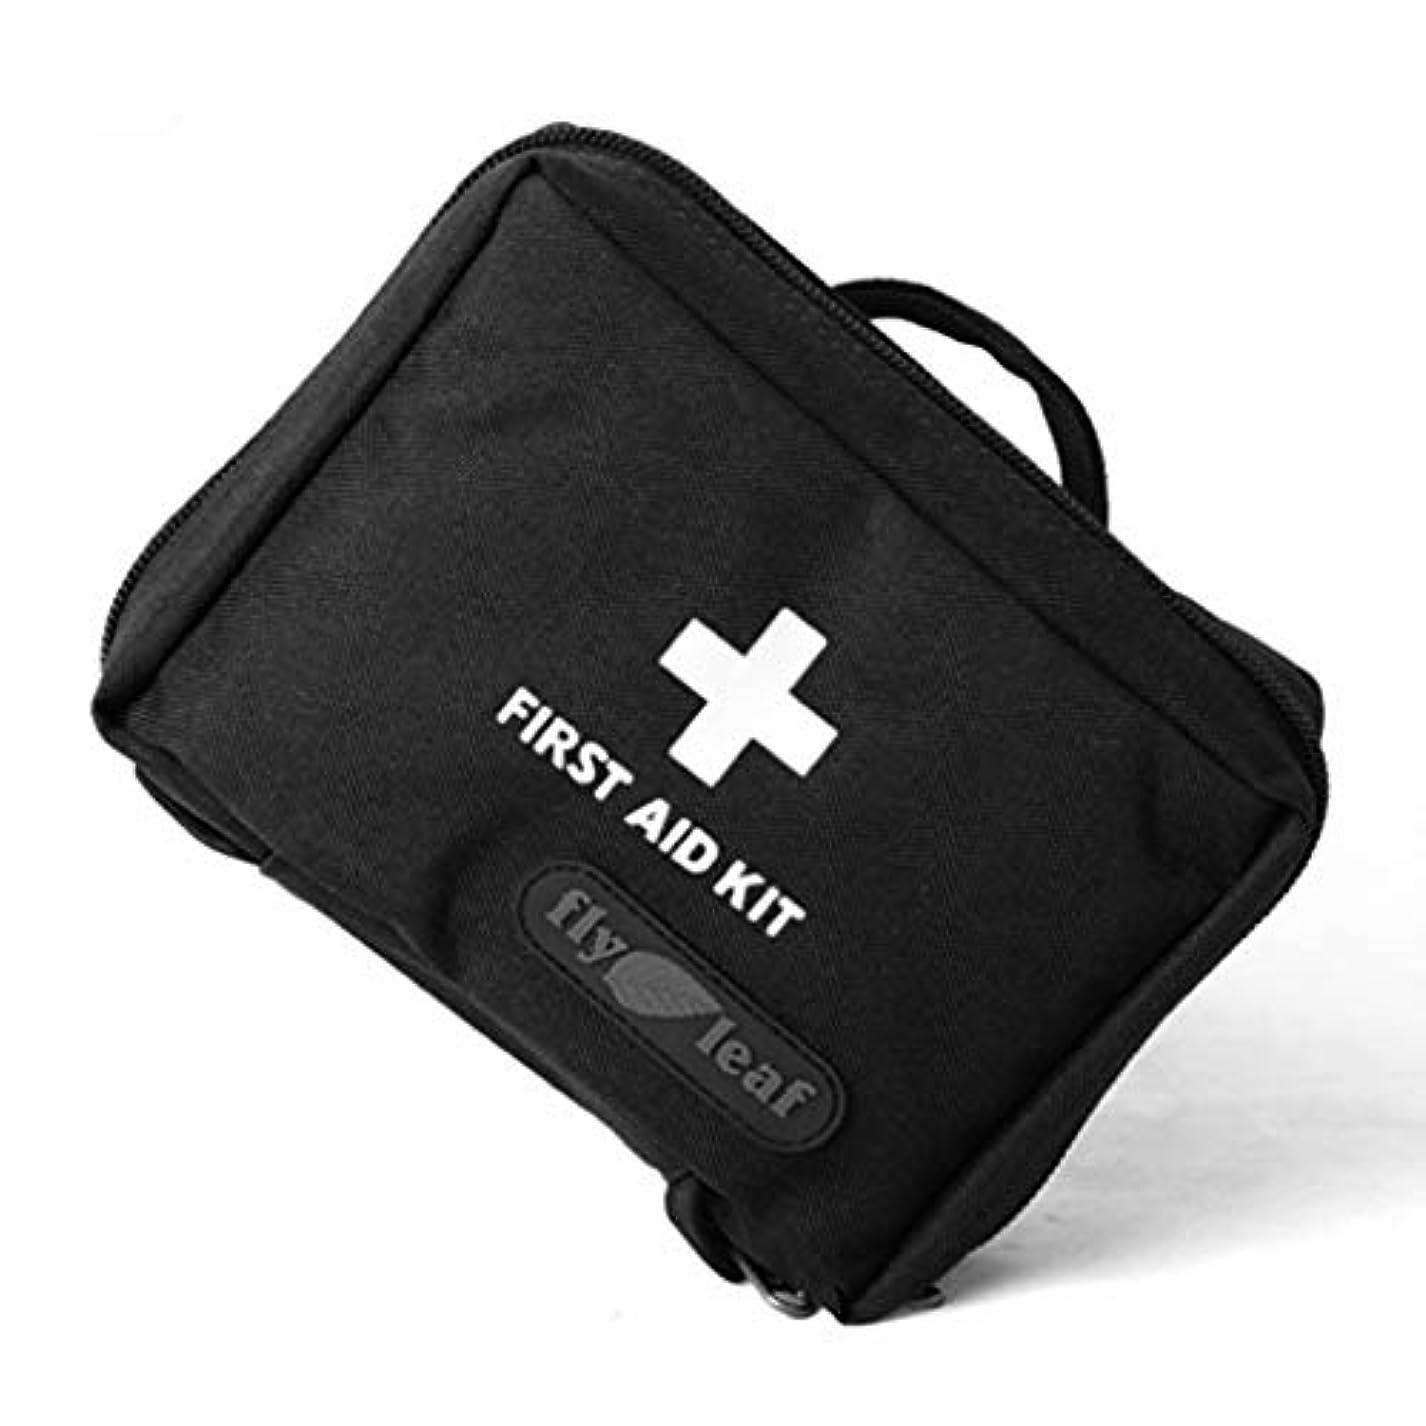 再撮りスタッフ今まで緊急用バッグ 空のバッグ応急処置キット旅行緊急サバイバルポーチ医療収納袋ナイロンサバイバルパッケージ/黒、赤 HMMSP (Color : Black)